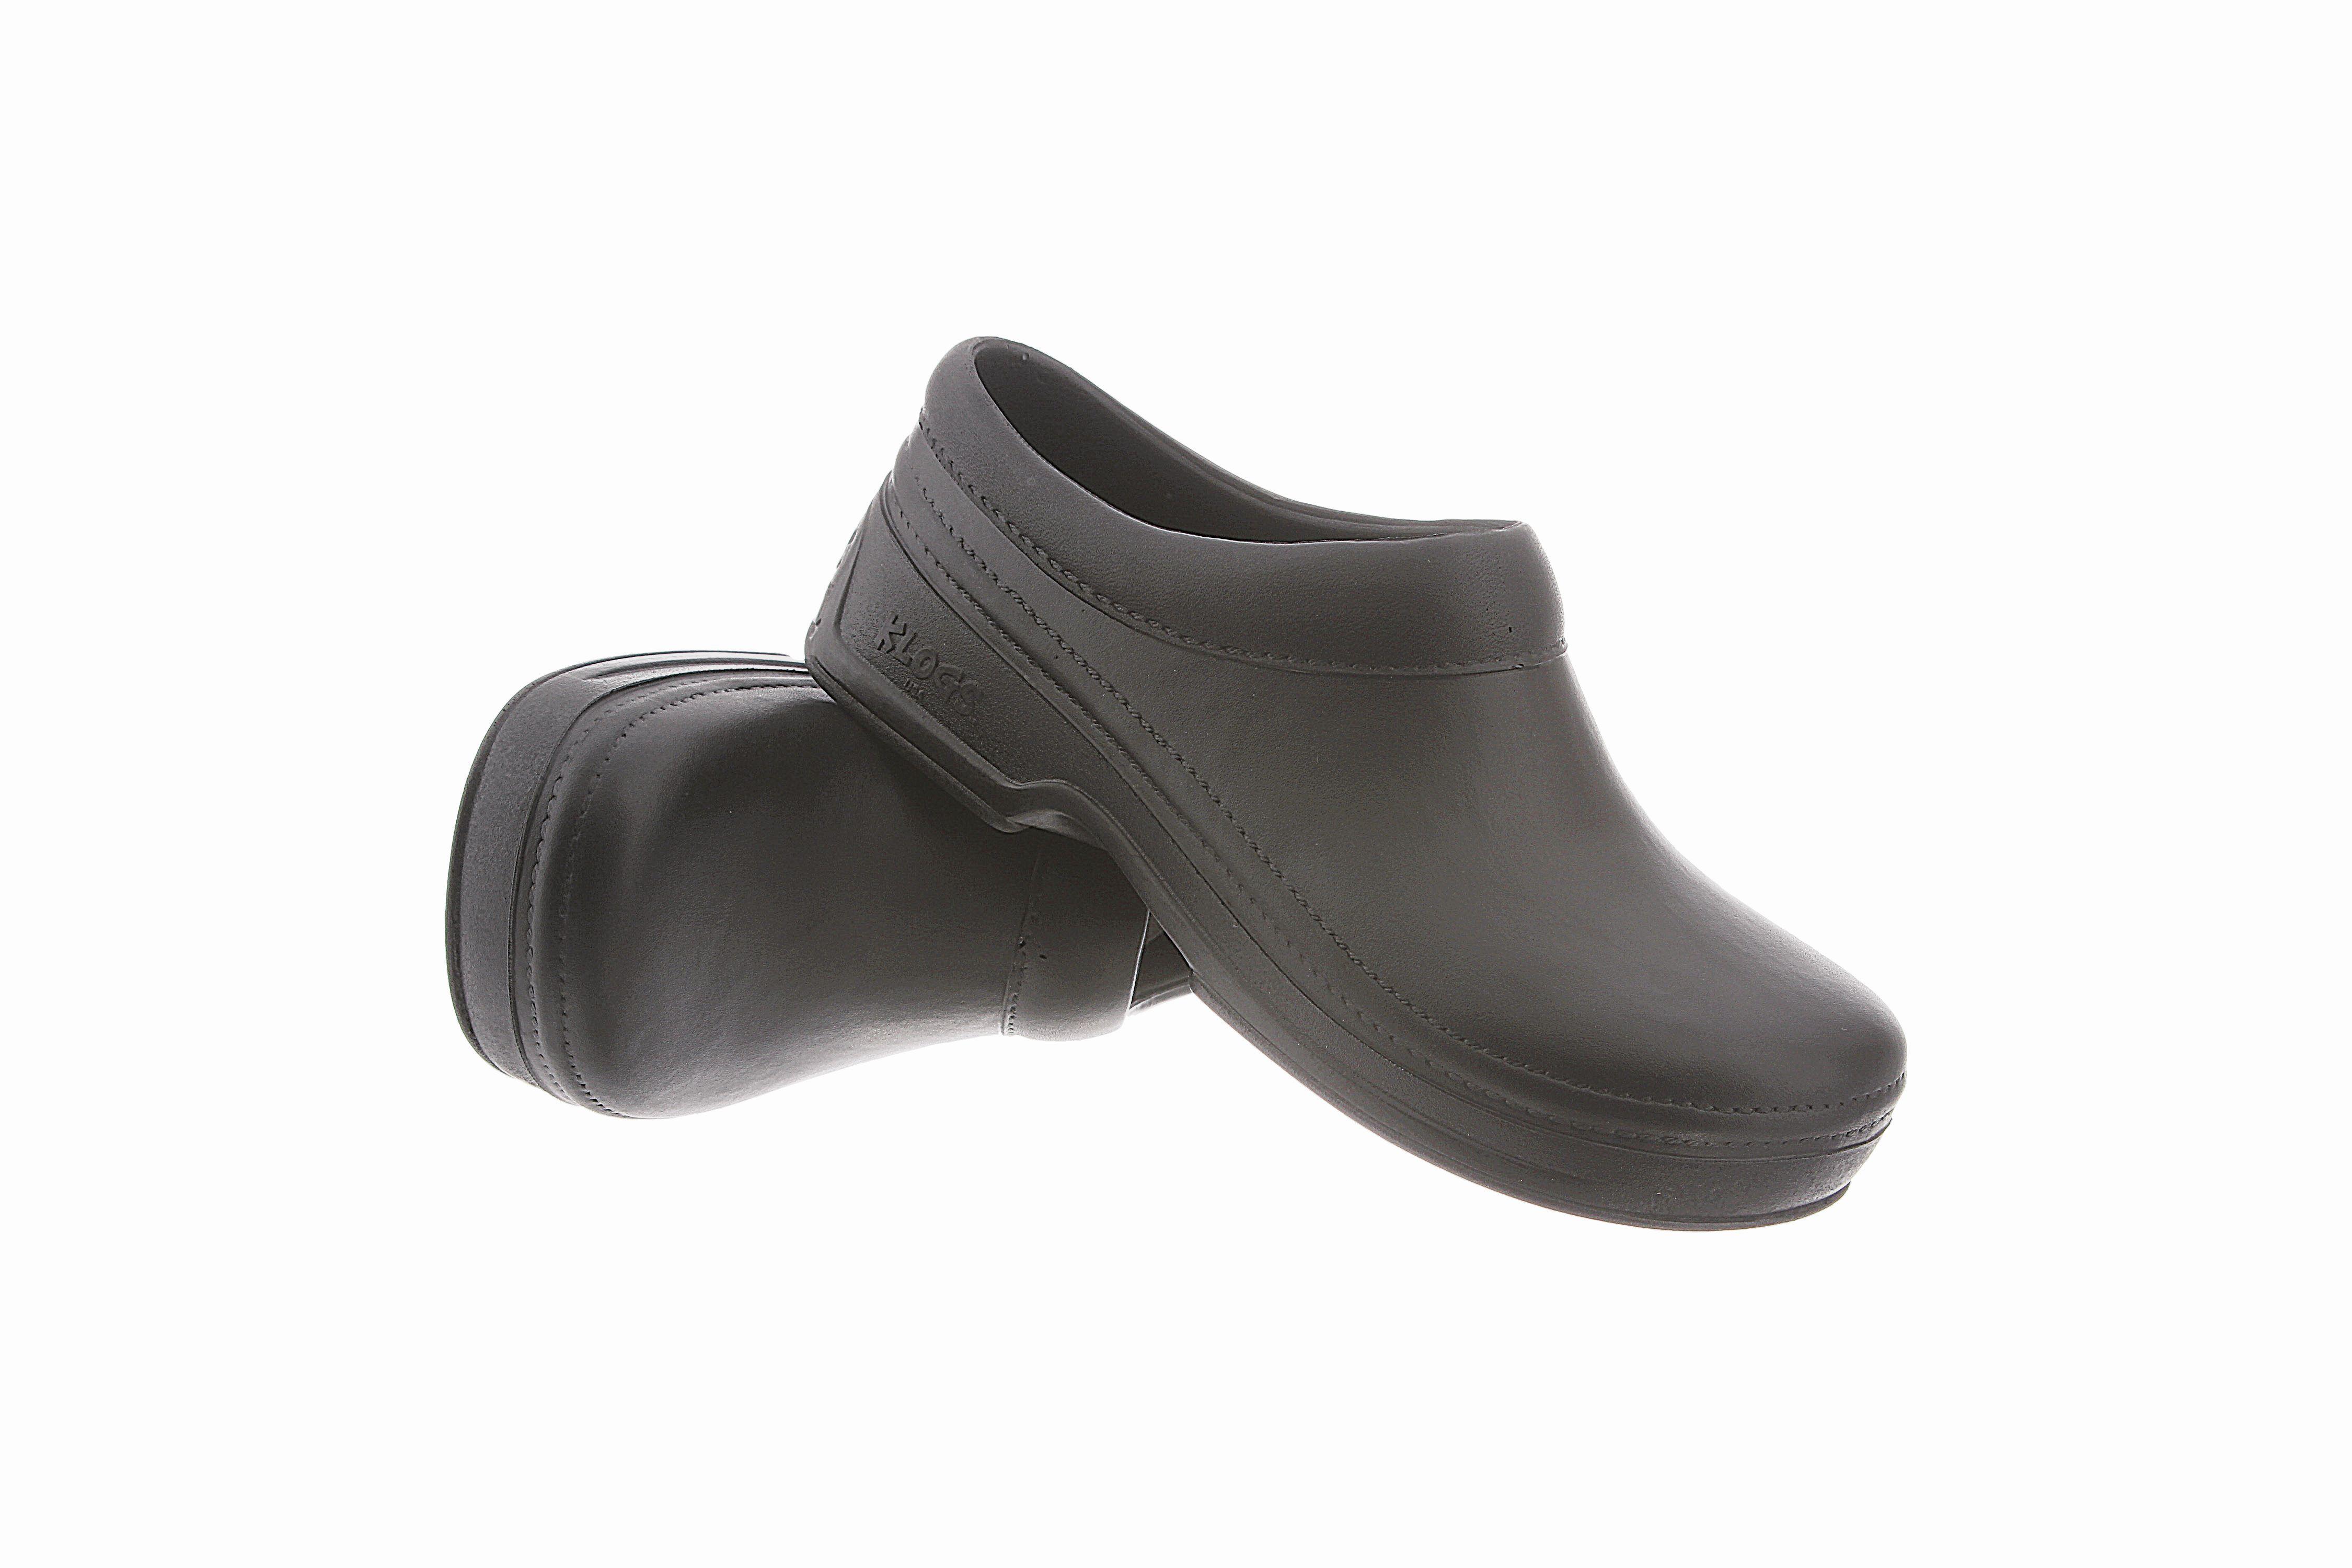 Klogs Footwear 0016 Joplin - Sd